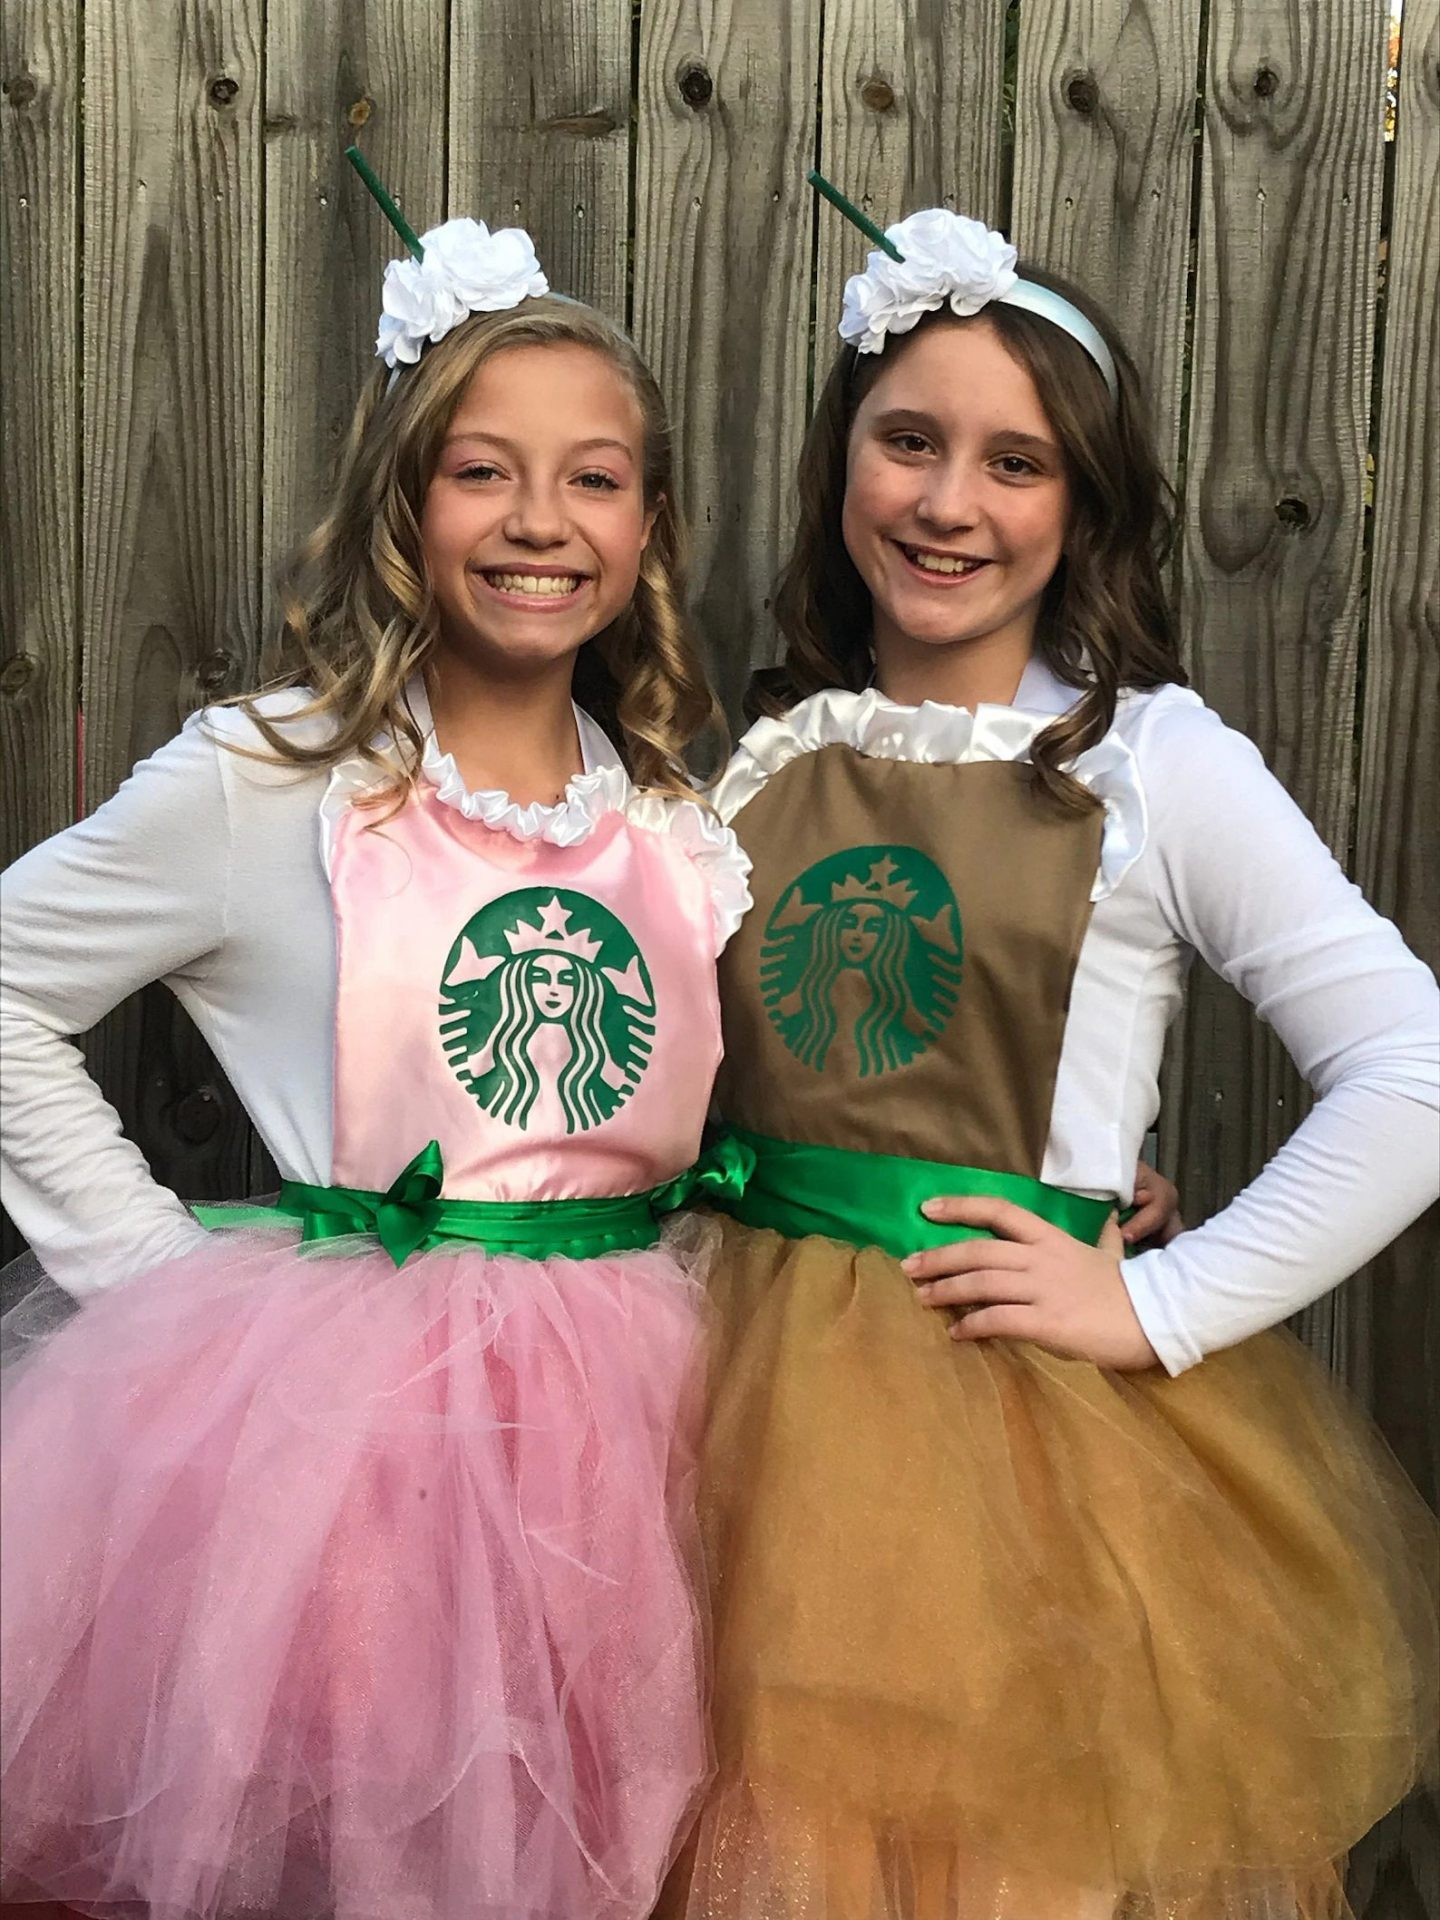 Cute matching Starbucks Halloween costumes for girls